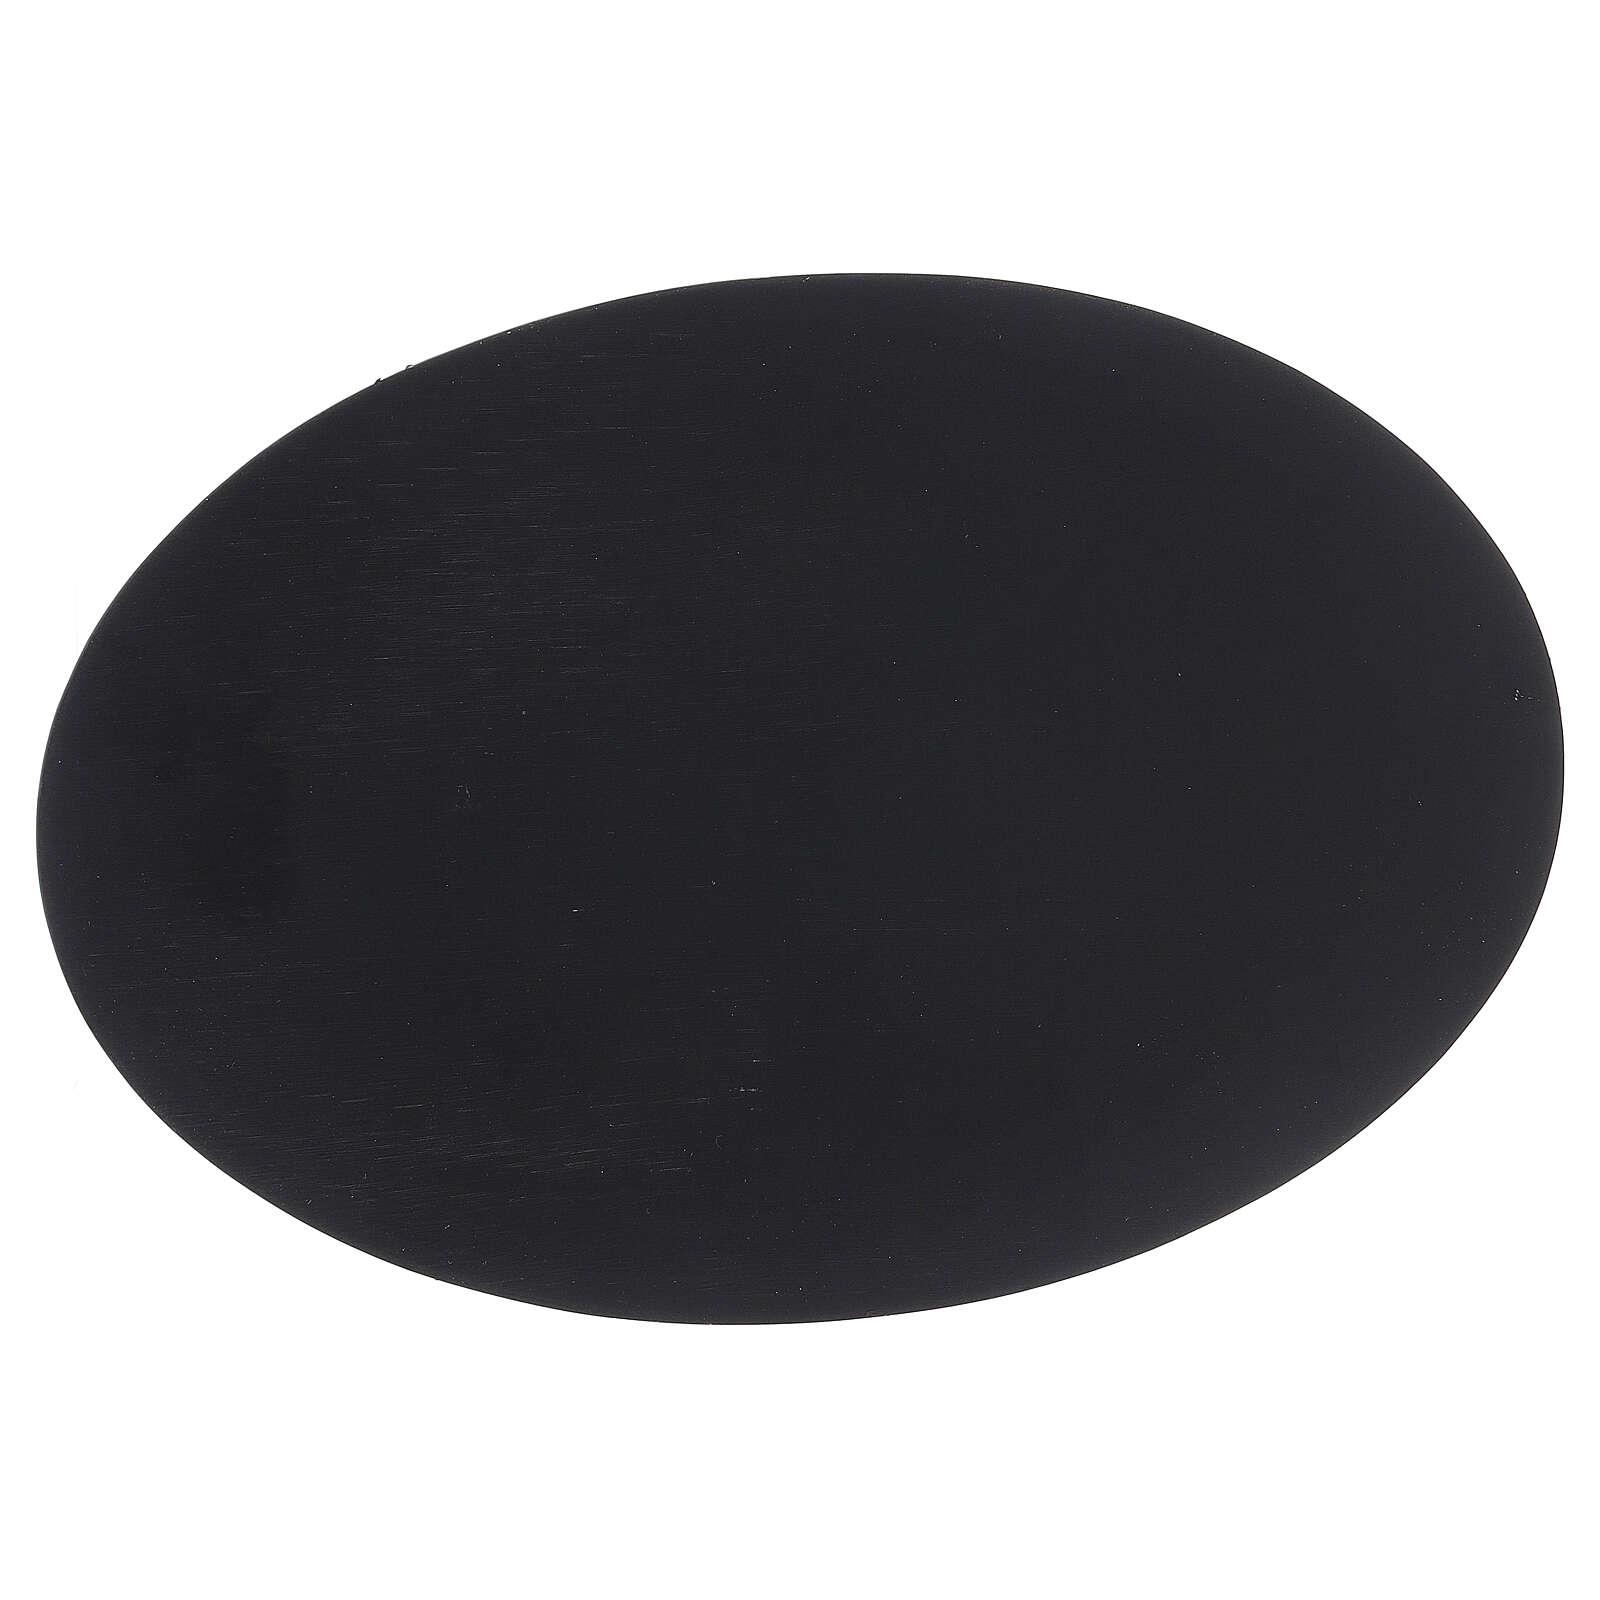 Piatto portacandela ovale effetto pietra nera 20,5x14 cm 3